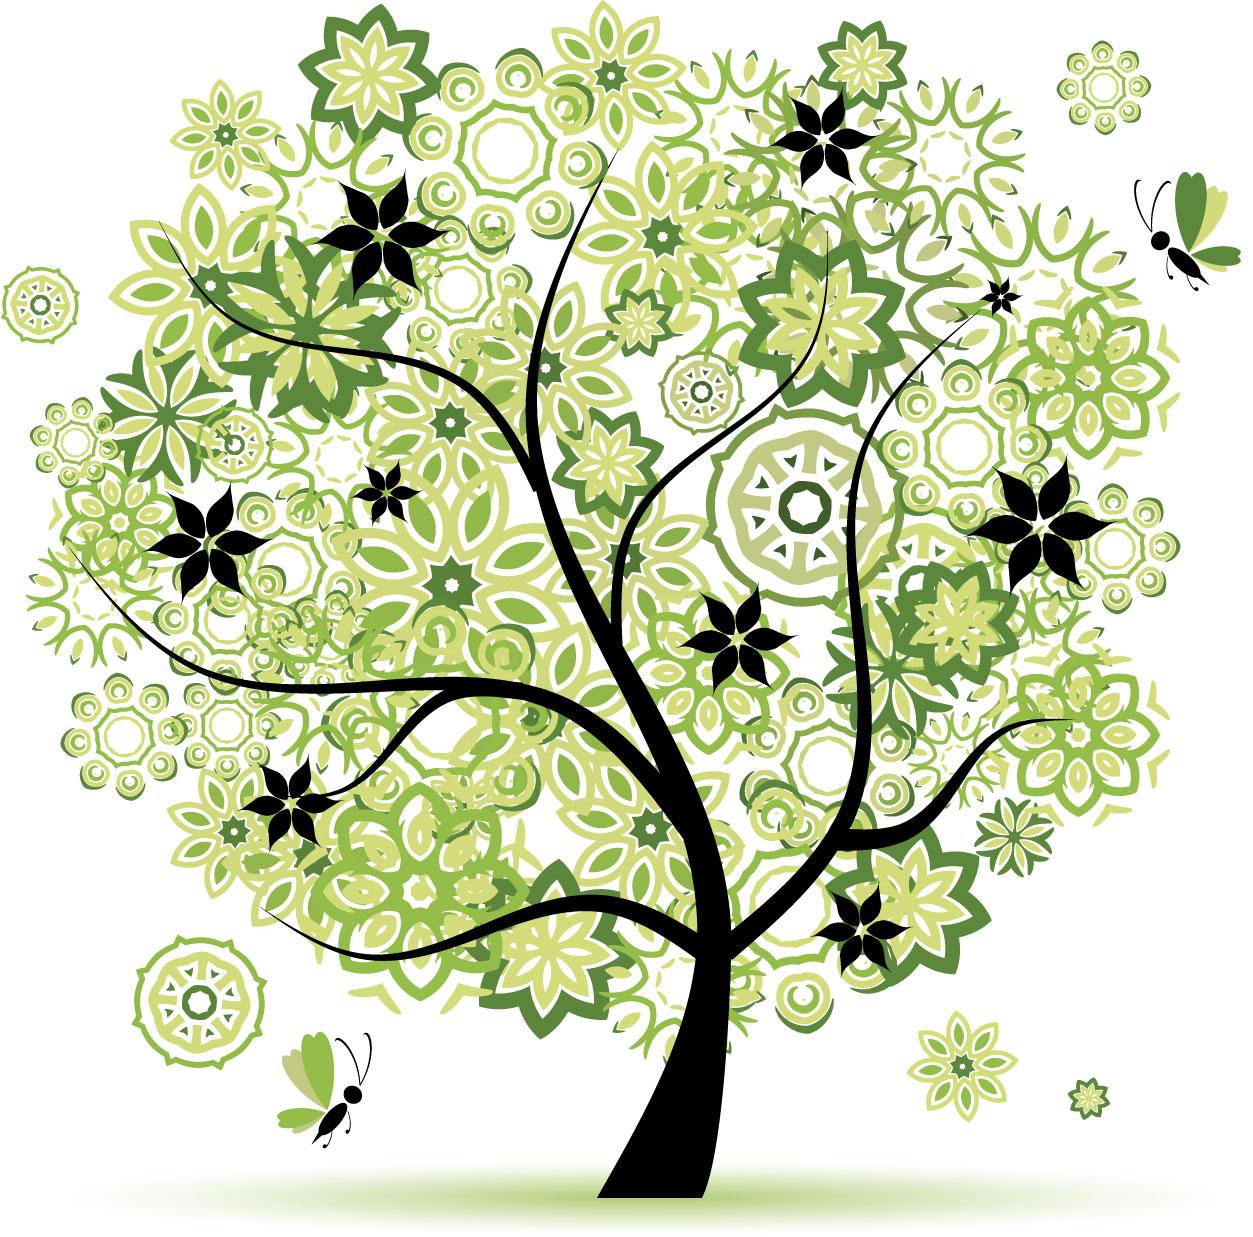 ポップでかわいい花のイラスト・フリー素材/no.268『夏の樹木と蝶・黄緑白』